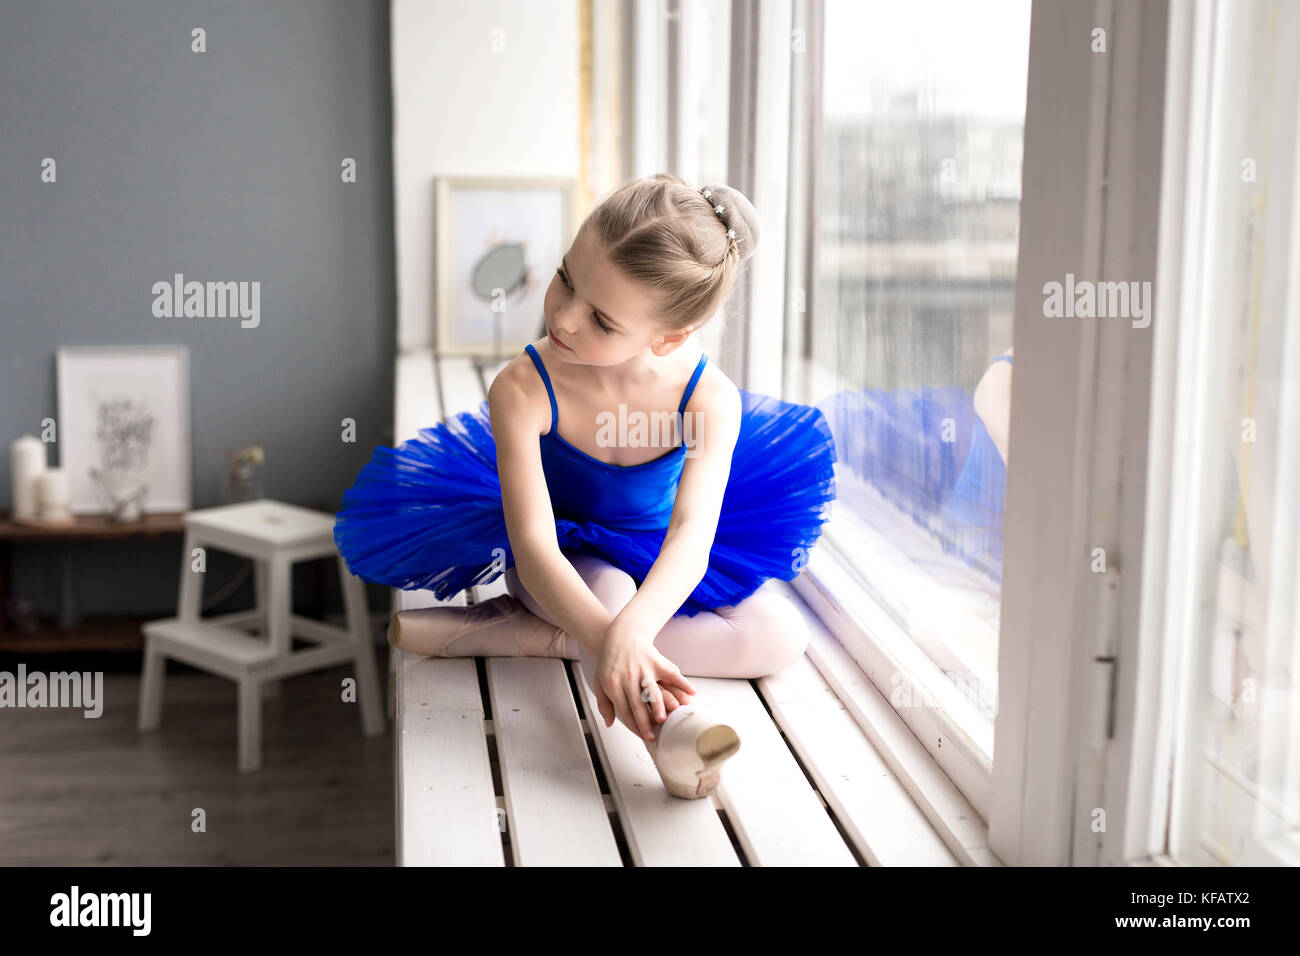 Niña sueña con convertirse en una bailarina. Niño Niña en un traje de ballet azul bailando en Imagen De Stock